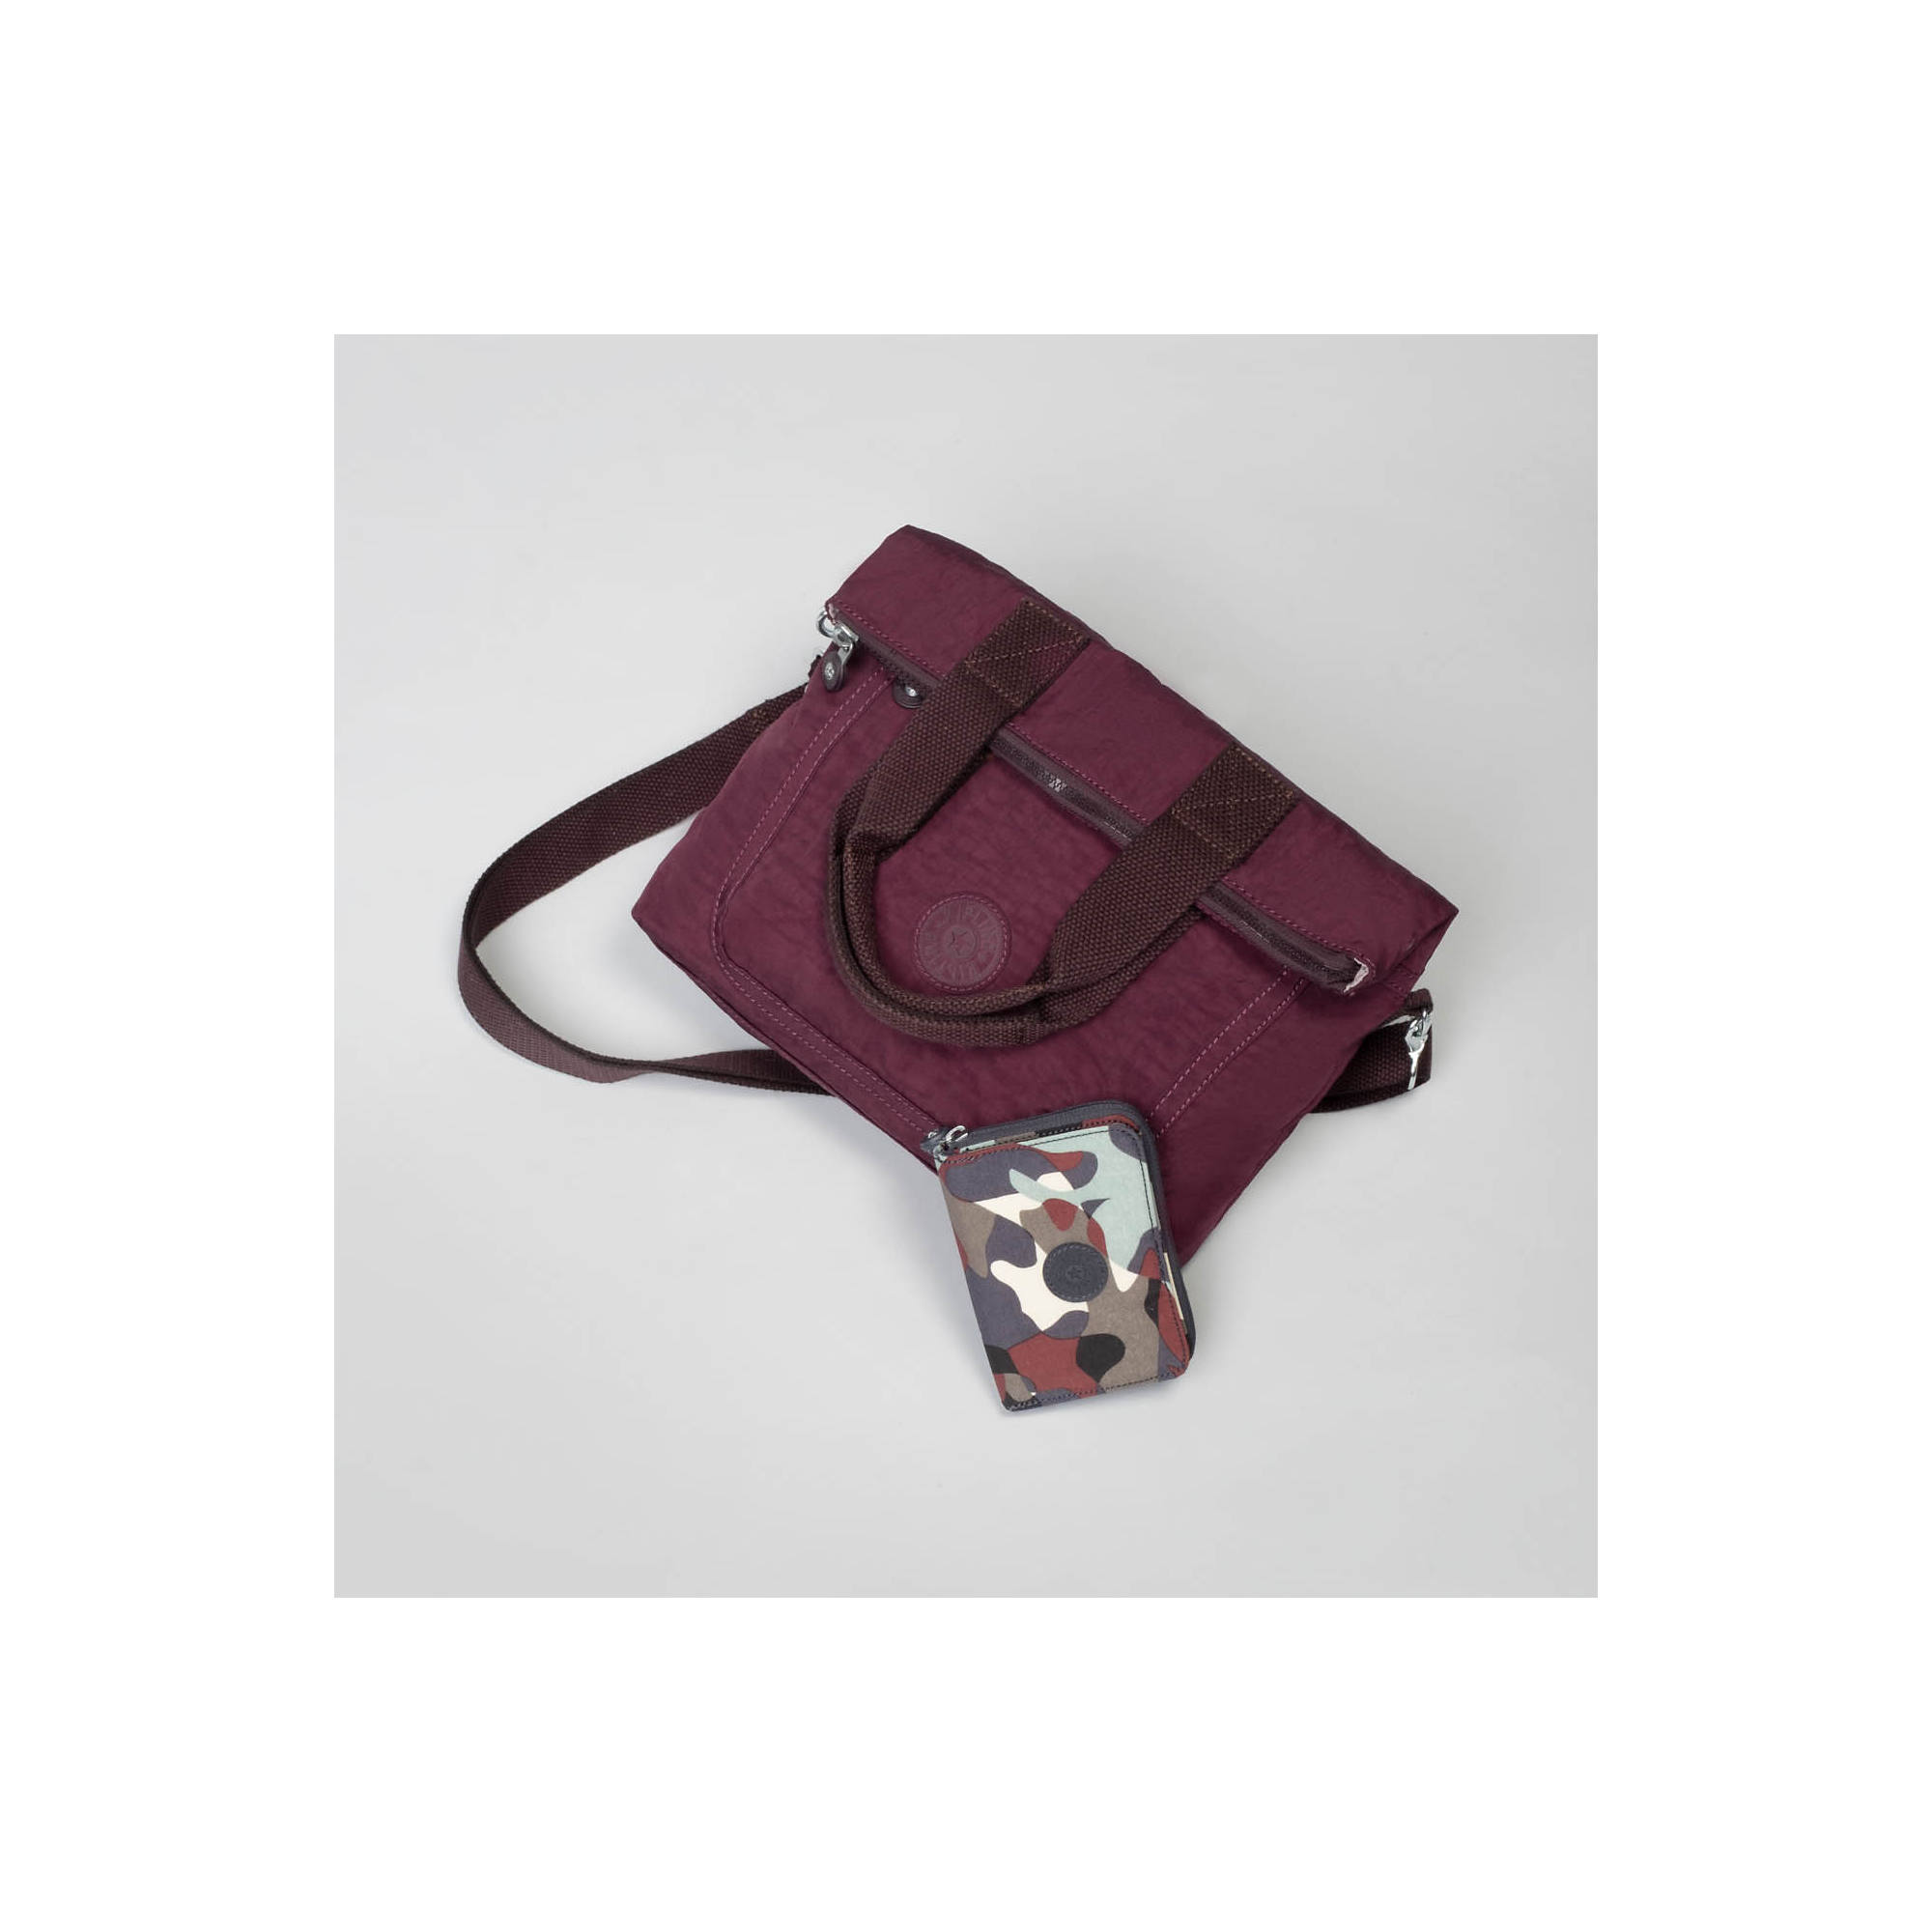 Kipling-Eleva-Cabrio-Tasche Indexbild 28